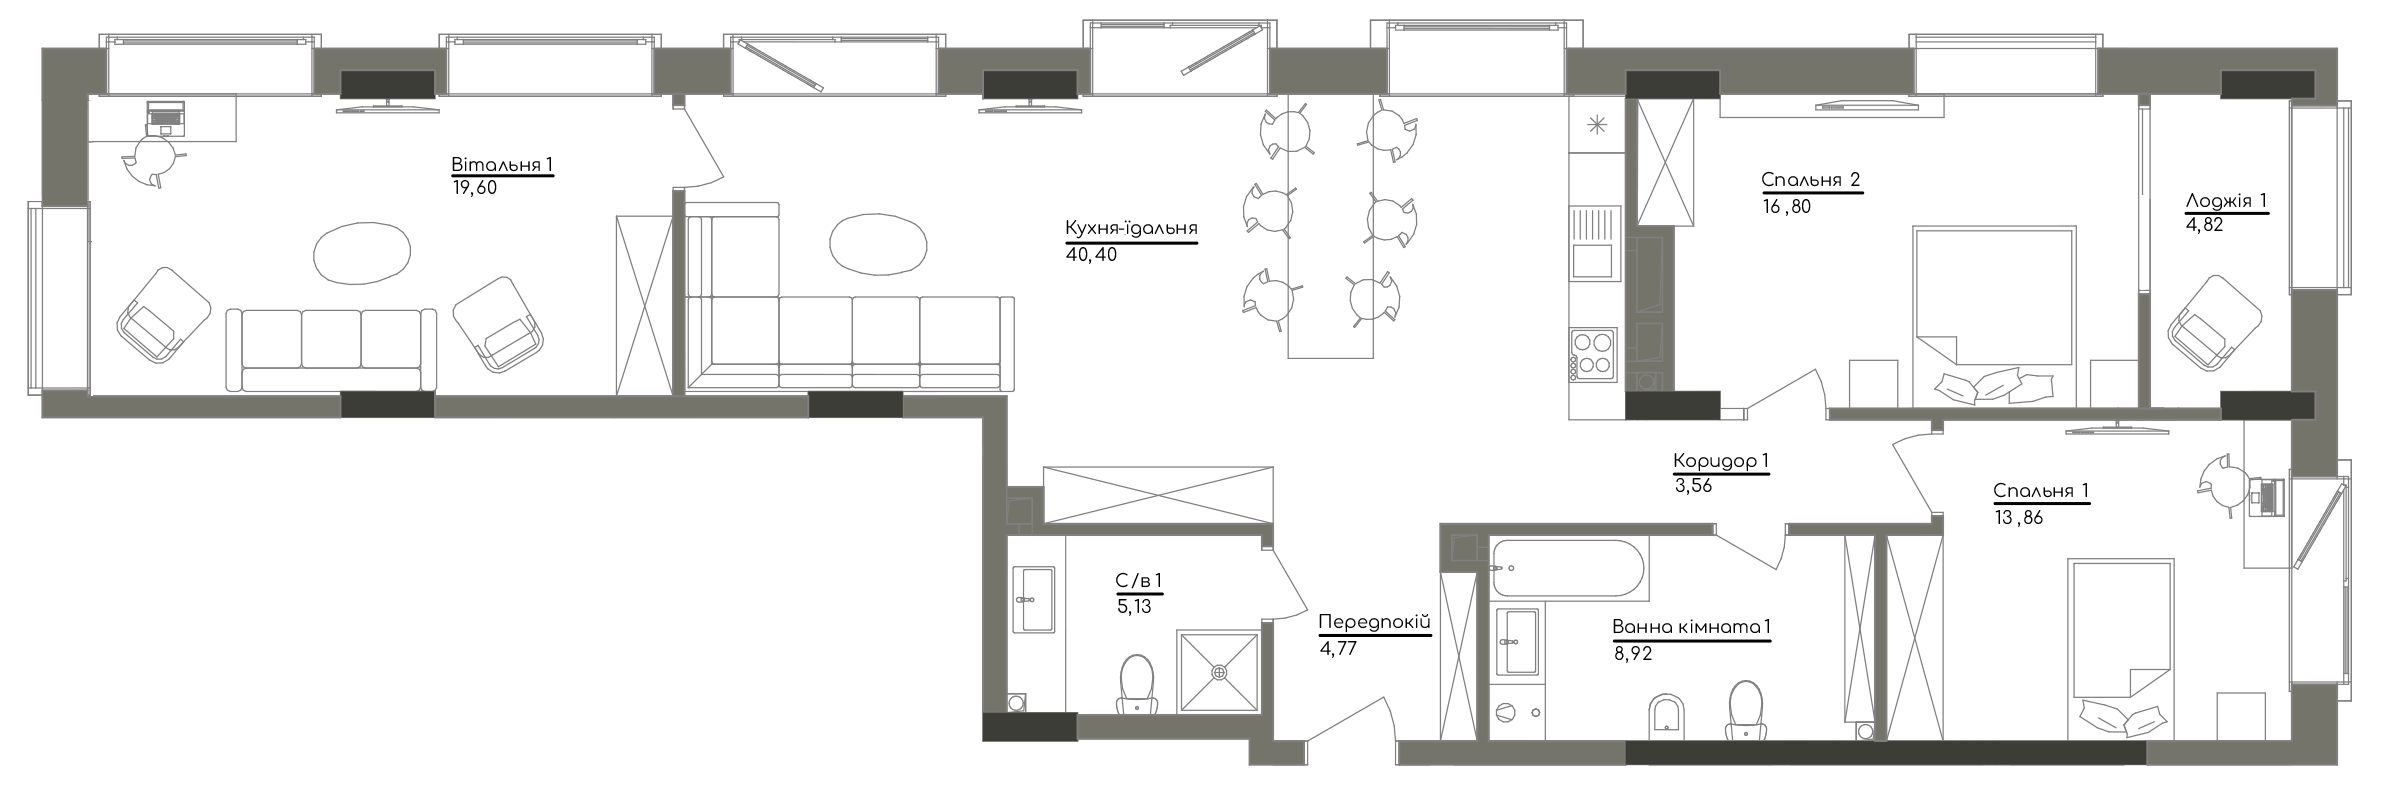 Квартира KV_15_3V_1_1_6